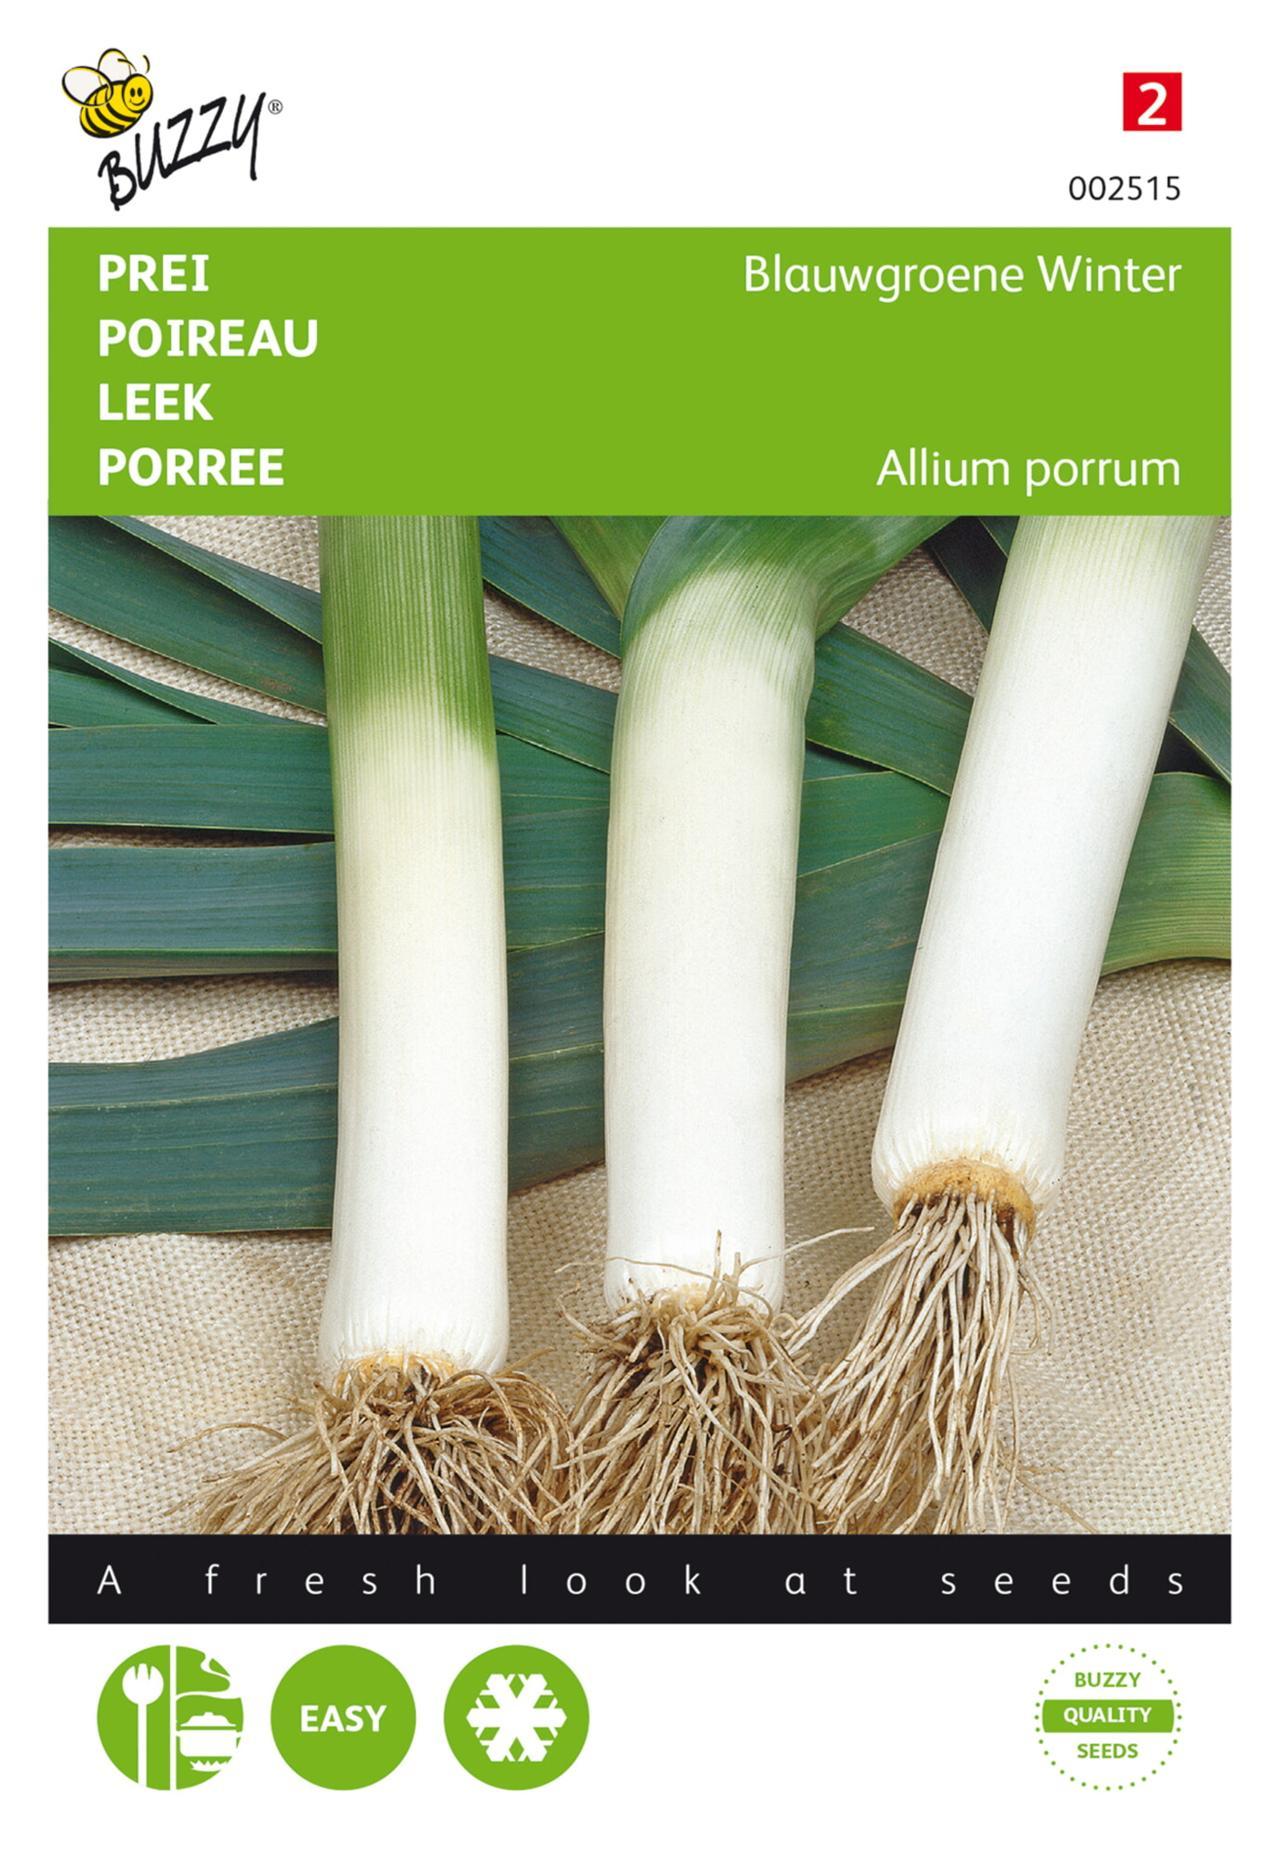 Allium porrum 'Blauwgroene Winter' plant